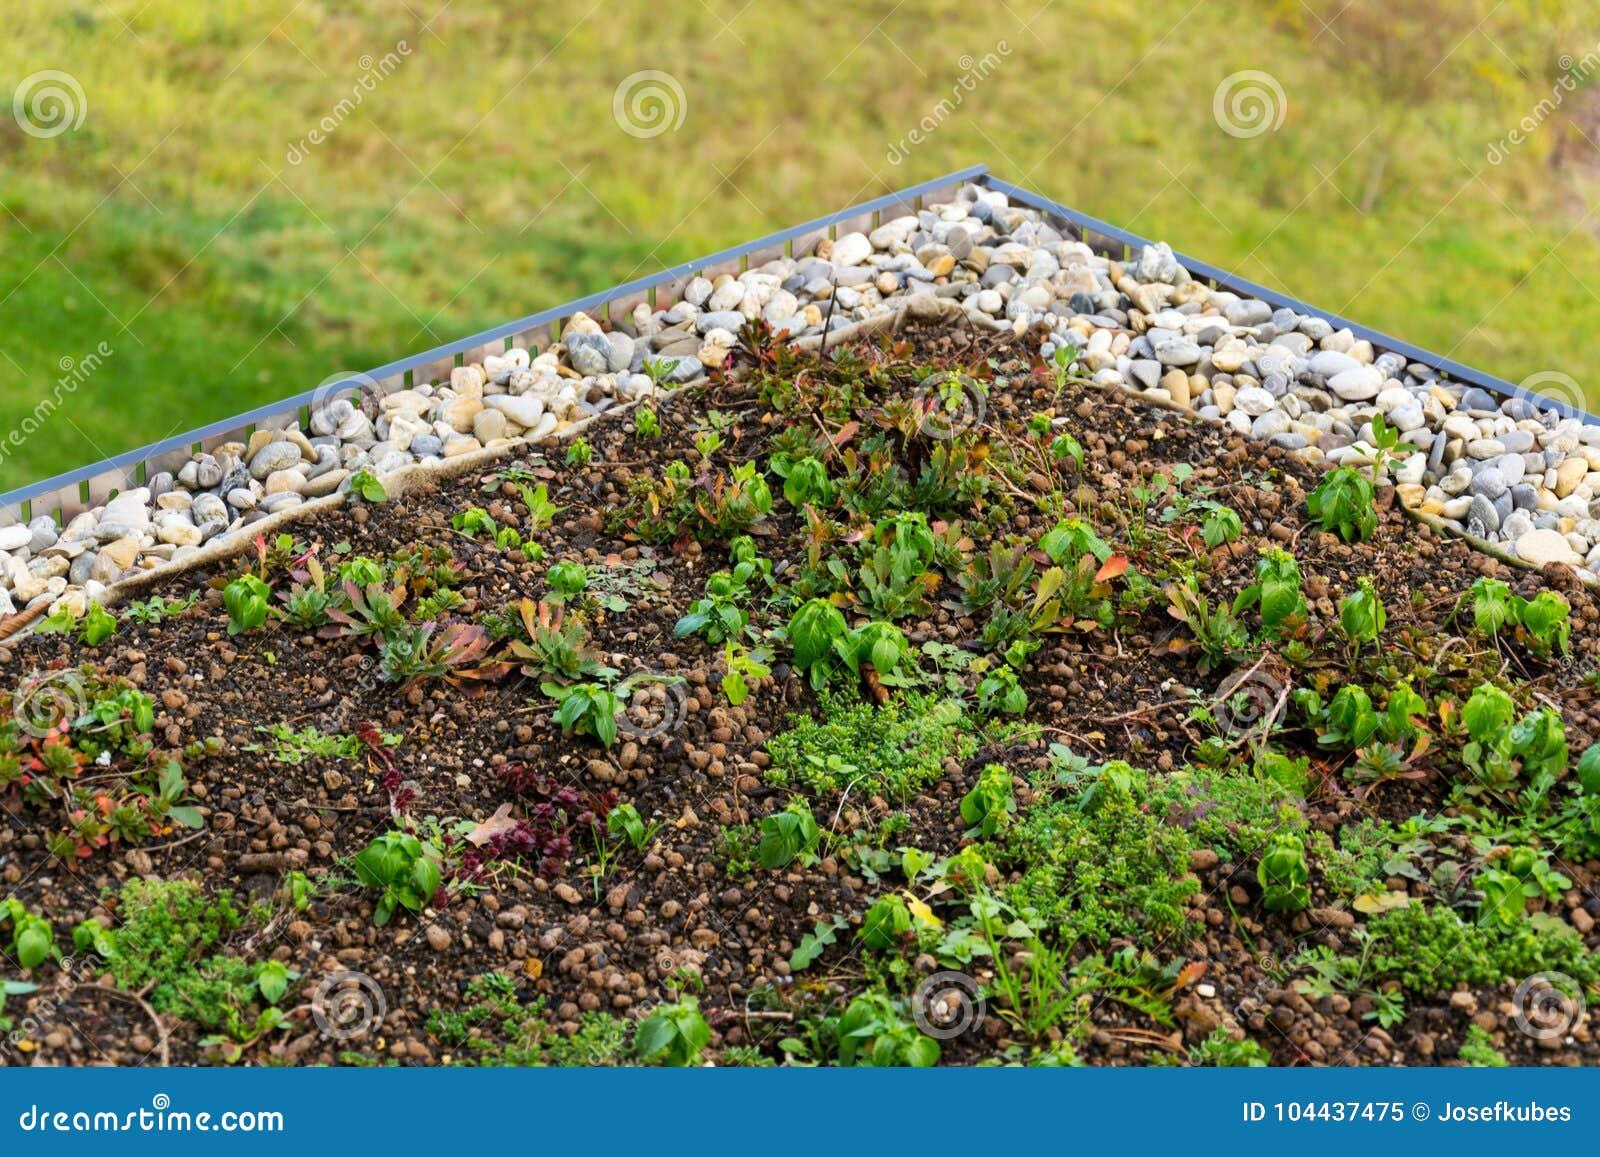 Detalhe de pedras na vegetação viva verde extensiva do telhado coberta